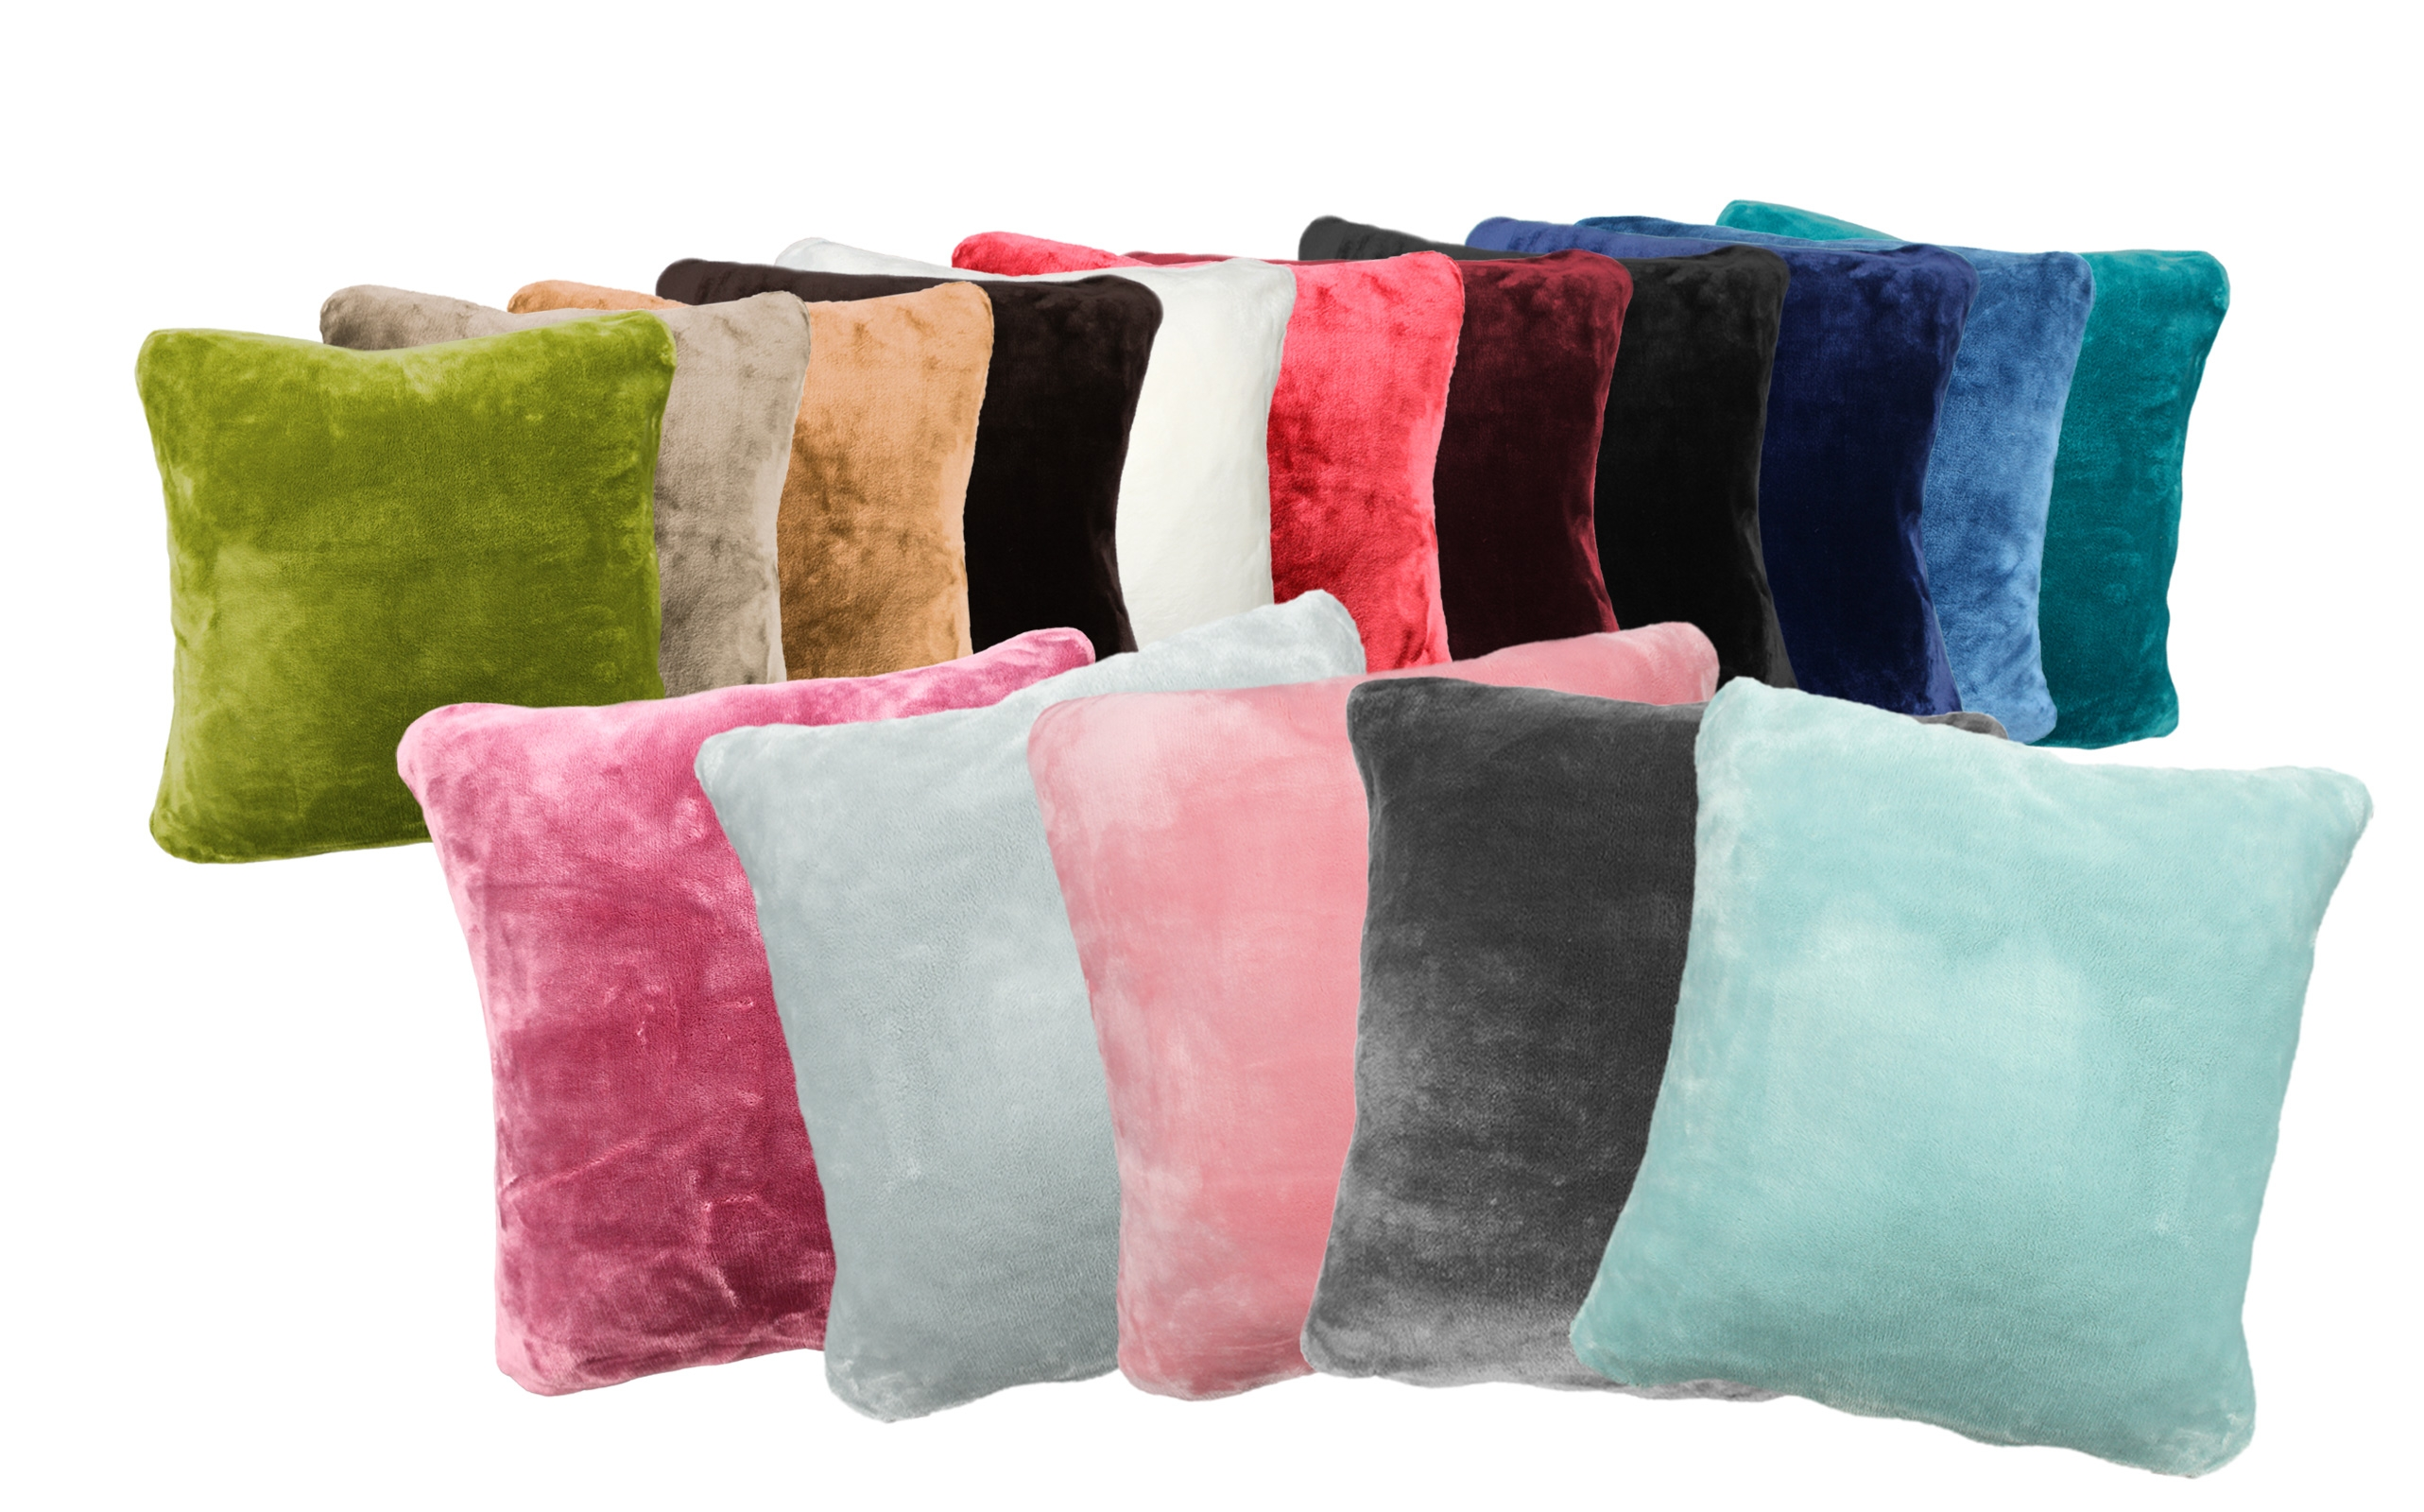 Wohndecken und Kissen - 2er Pack Kuschelkissen Premium Cashmere Feeling Kissen 50x50 cm flauschiges Sofakissen  - Onlineshop PremiumShop321